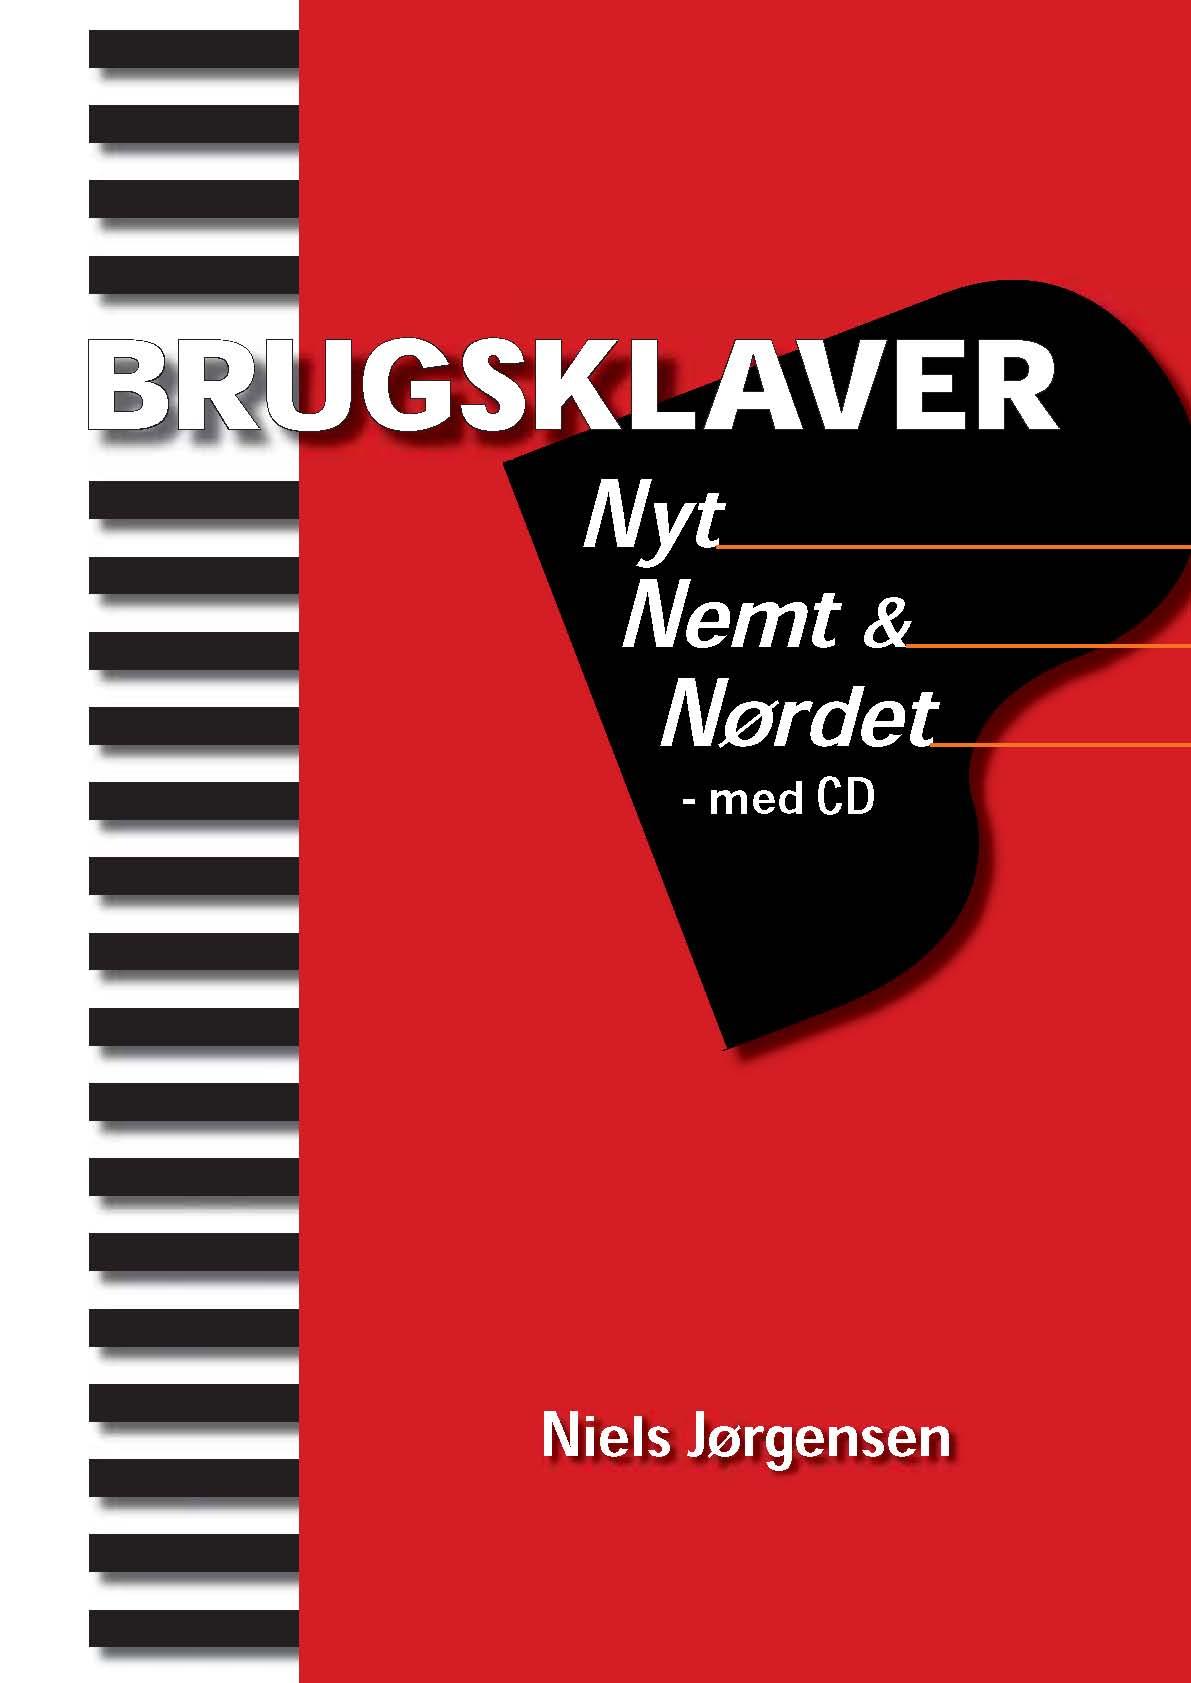 Brugsklaver-web.Forside